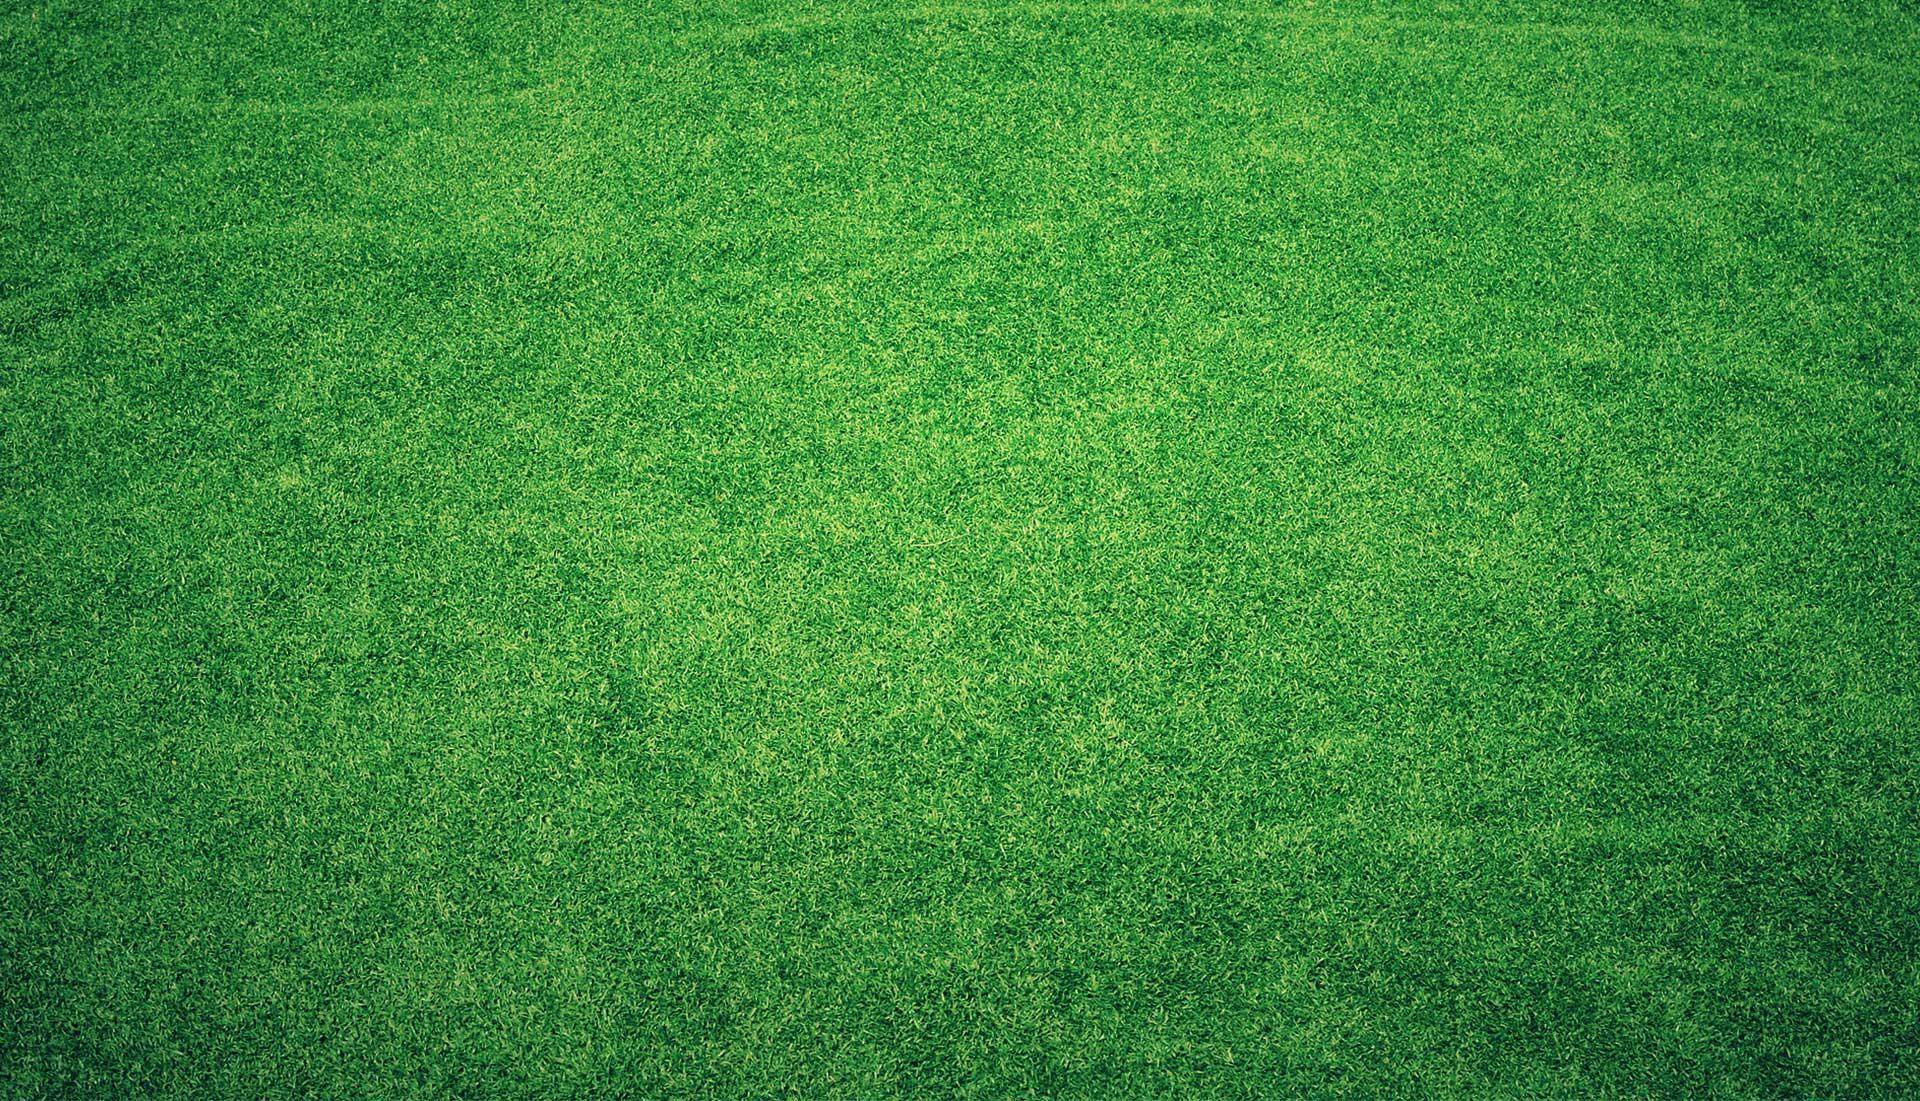 grass-background